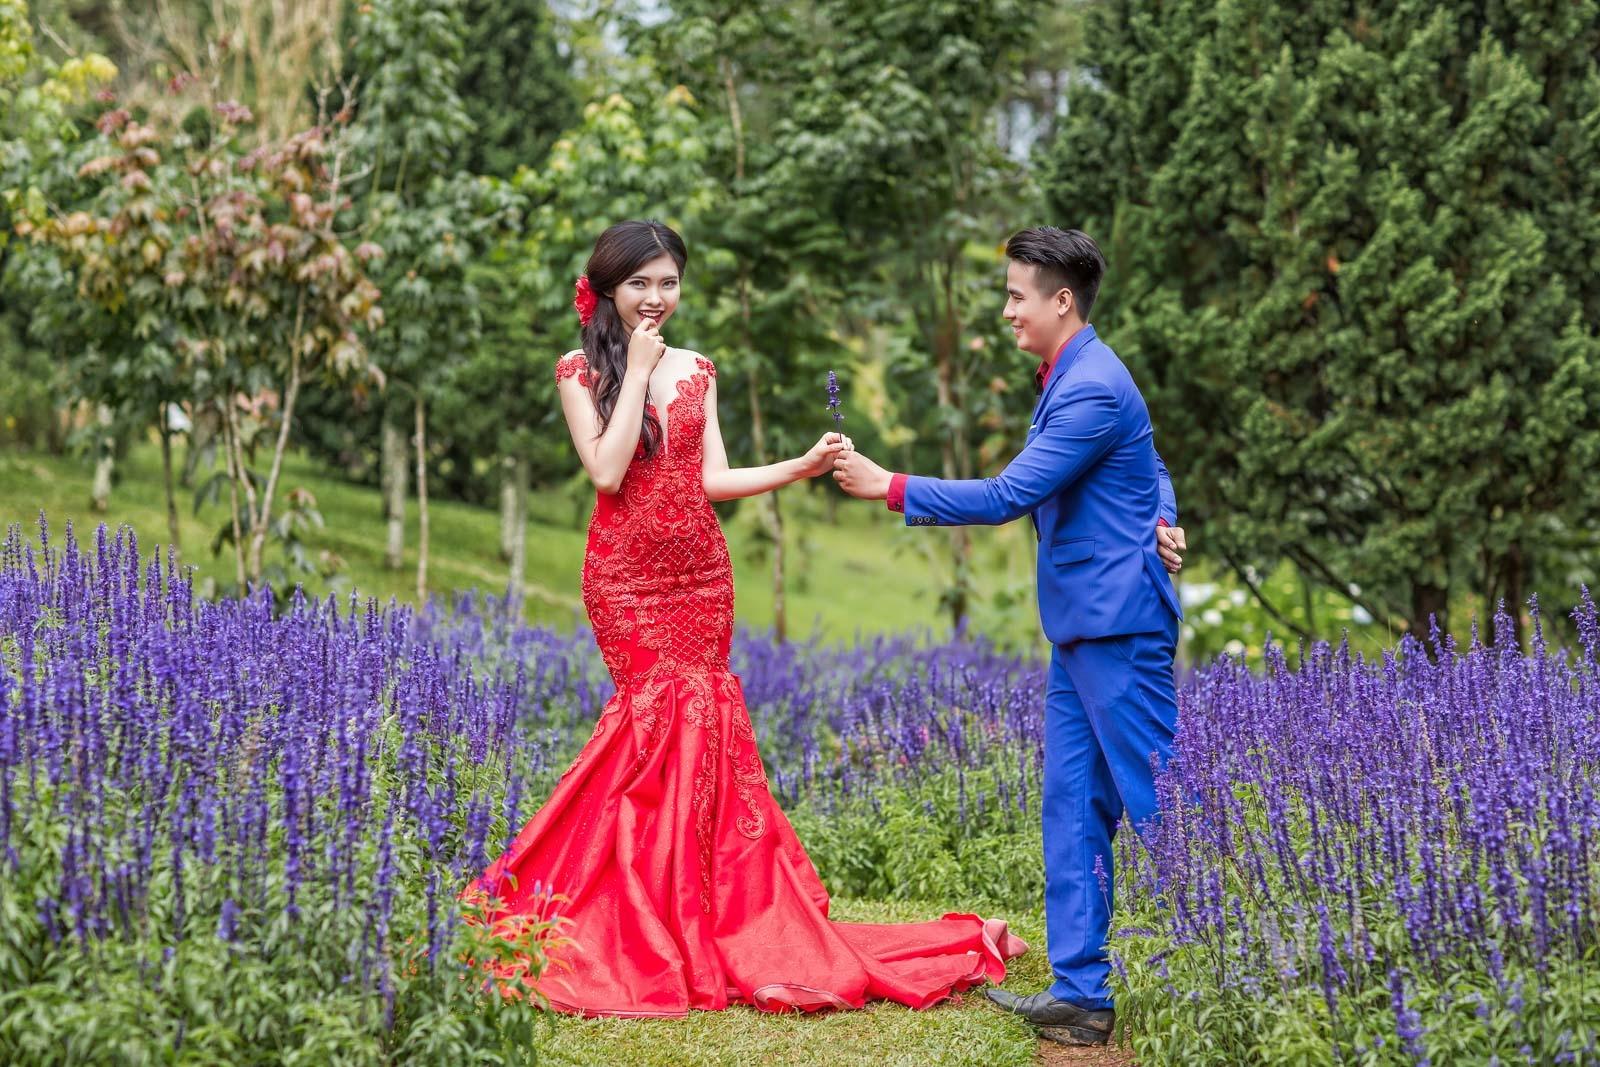 Đăng khoa studio chụp hình cưới Đà Lạt giá rẻ